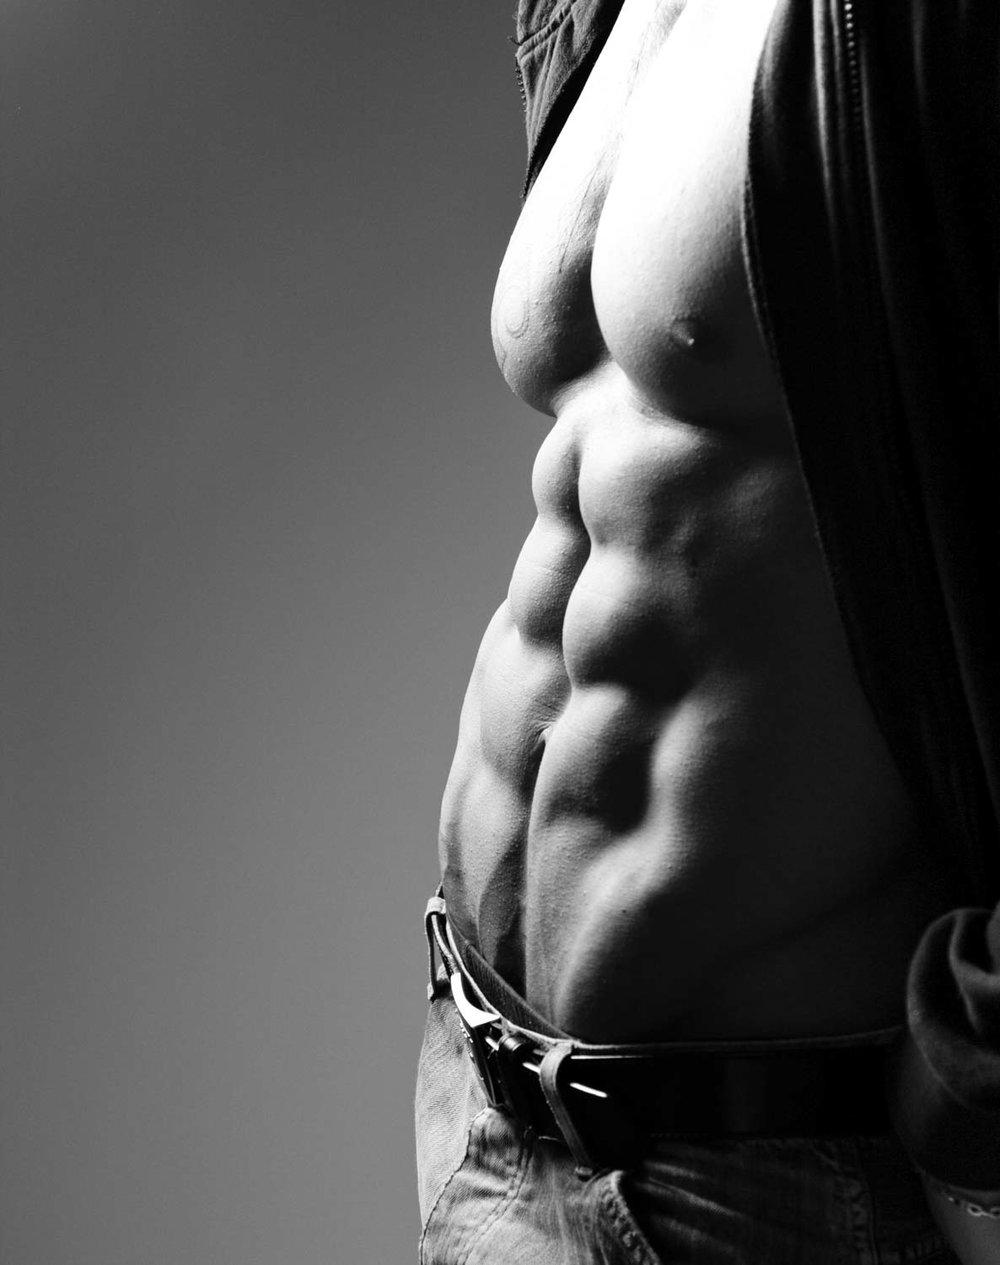 Männer | Fitness | Halbakt